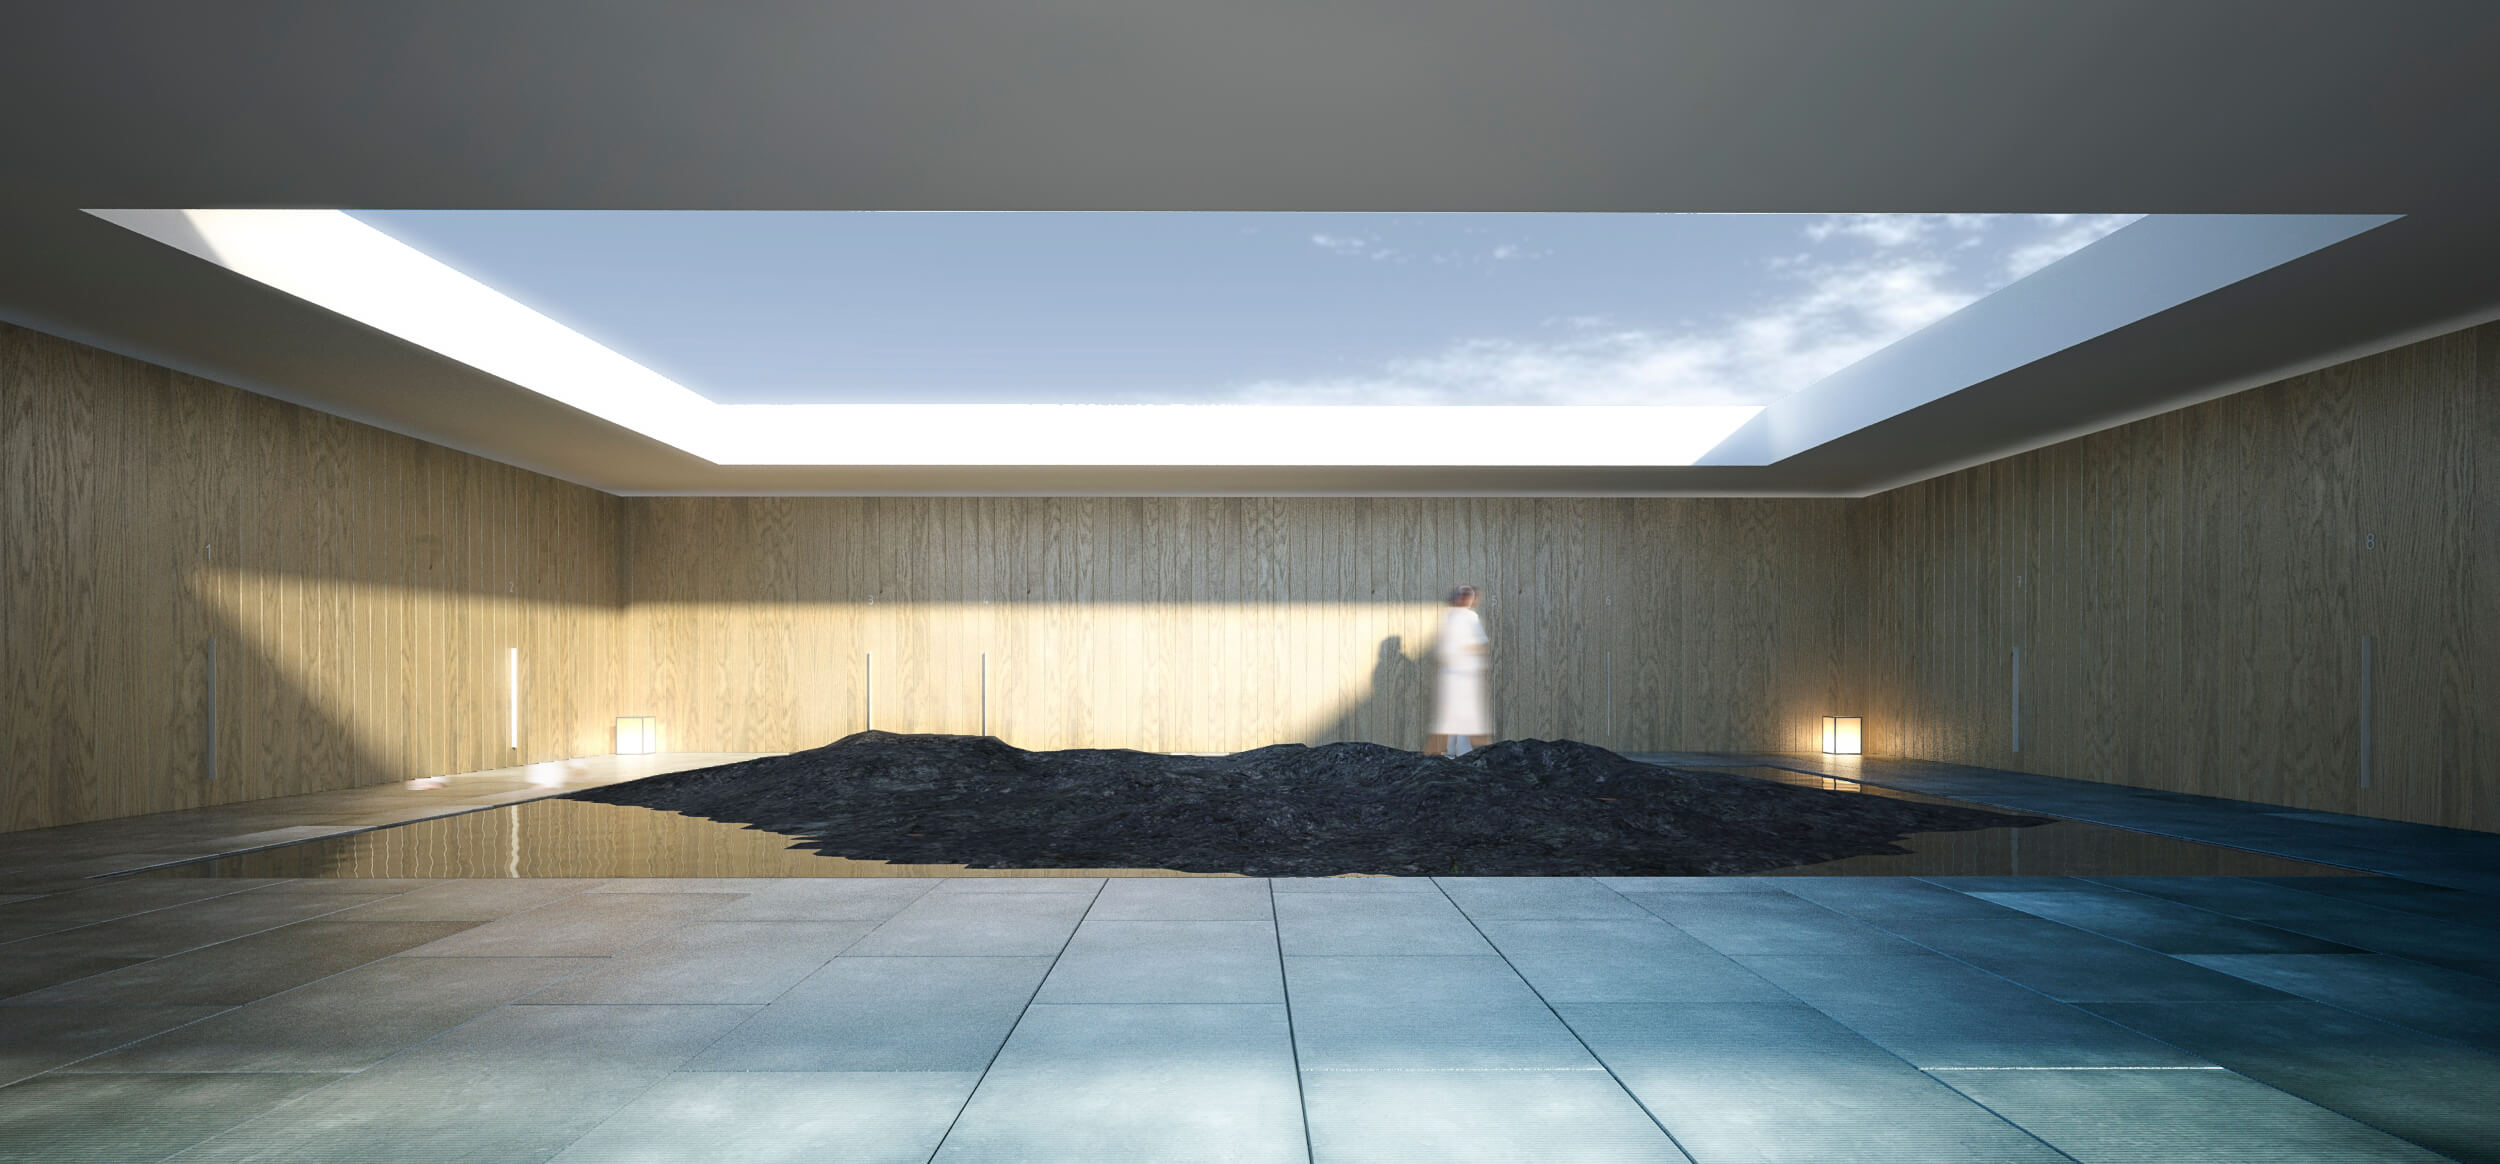 planell-hirsch_concurso_arquitectura_premio_04